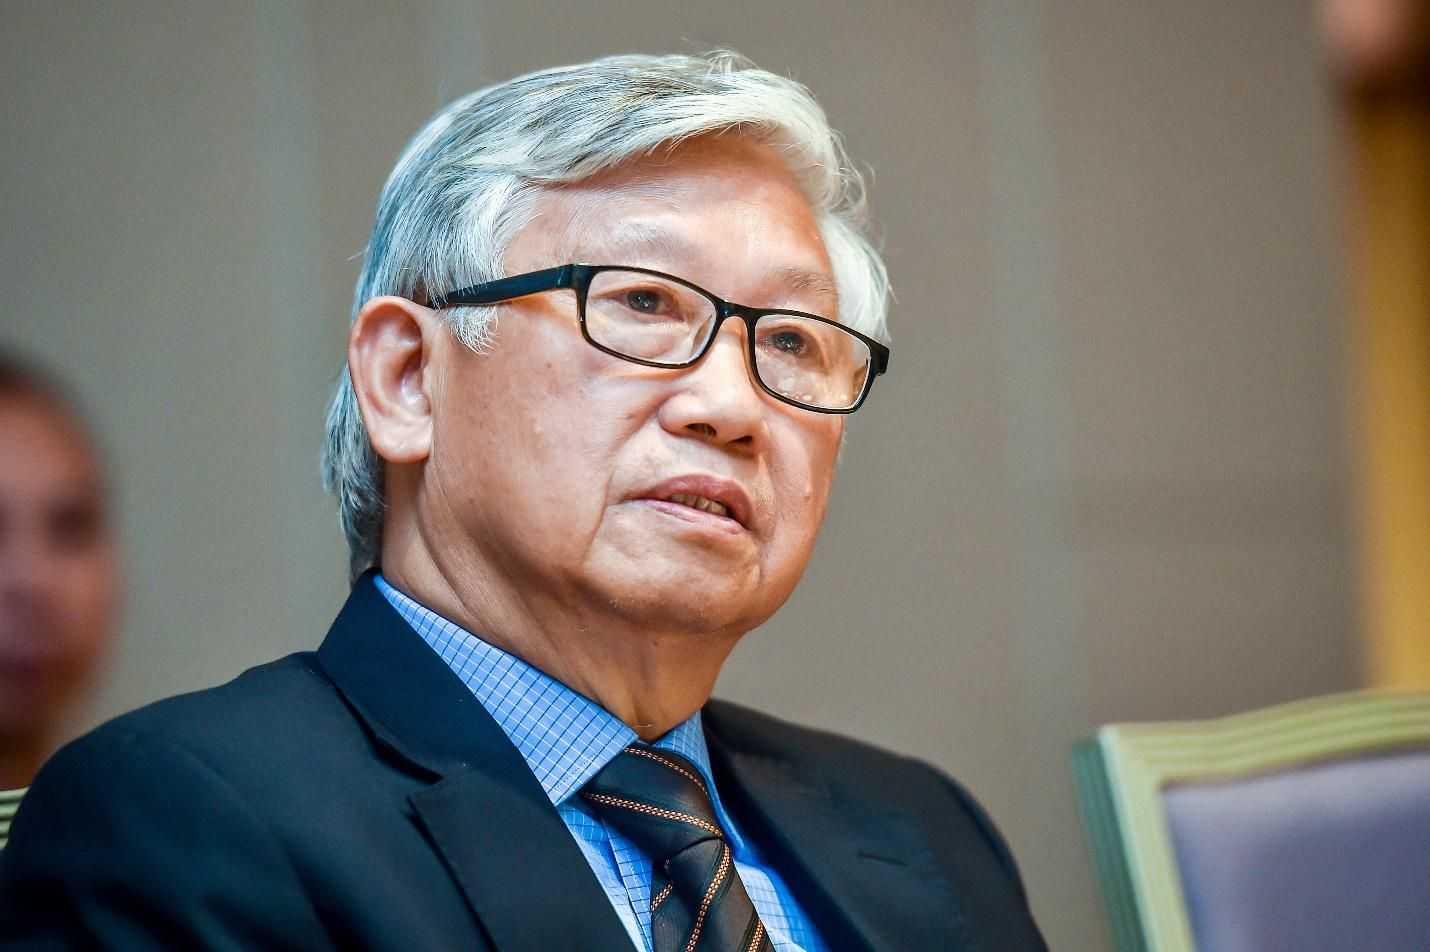 Giáo sư, tiến sĩ, bác sĩ Nguyễn Gia Khánh